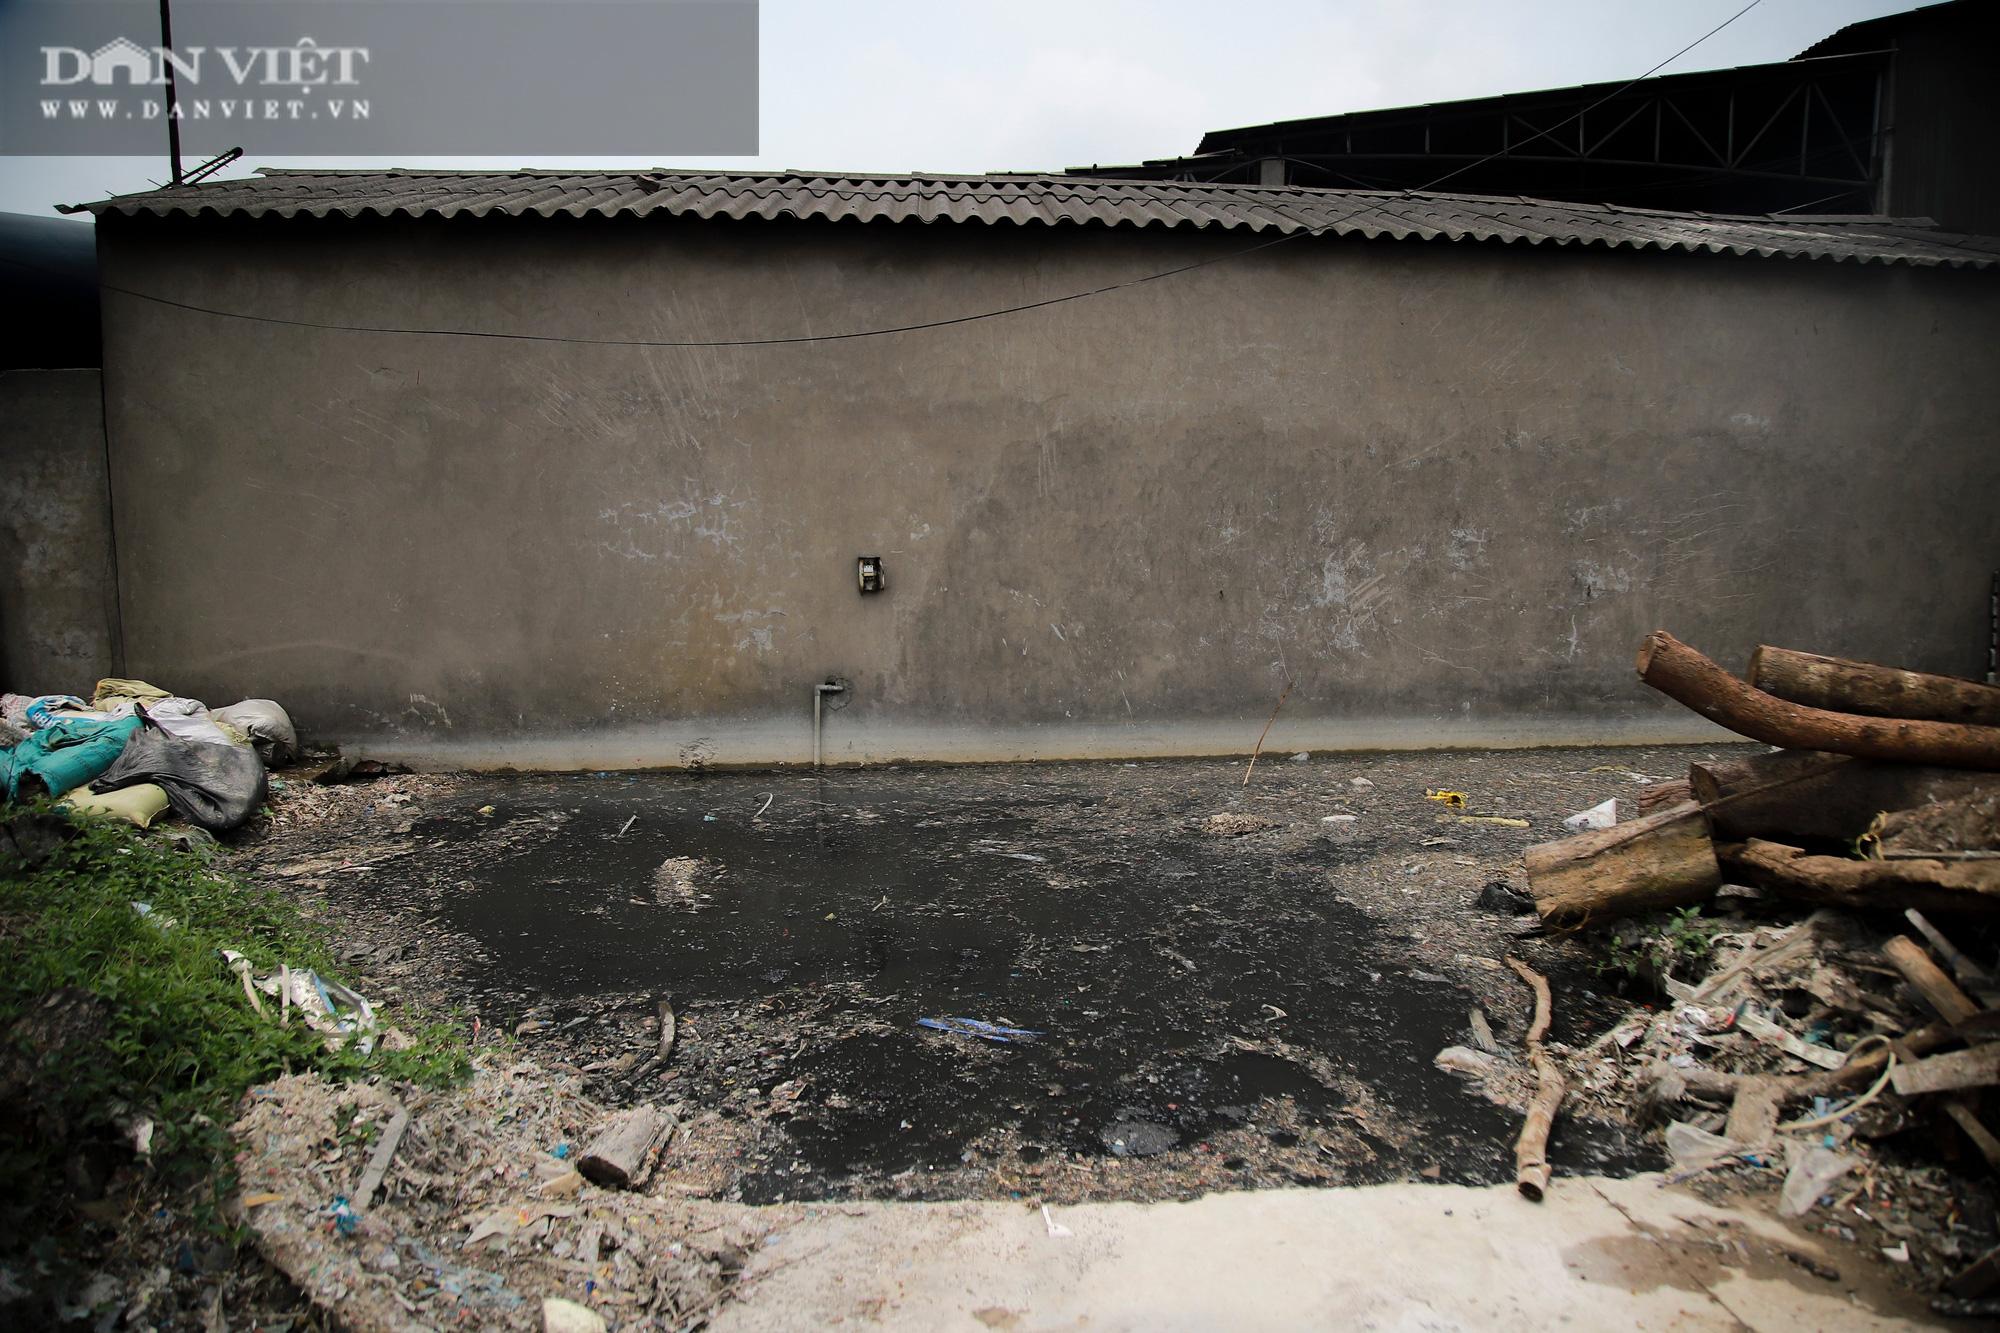 Ám ảnh khủng khiếp ở làng giấy Phú Lâm: Ô nhiễm đến con ruồi cũng không sống nổi, công nhân bán mòn sức - Ảnh 33.